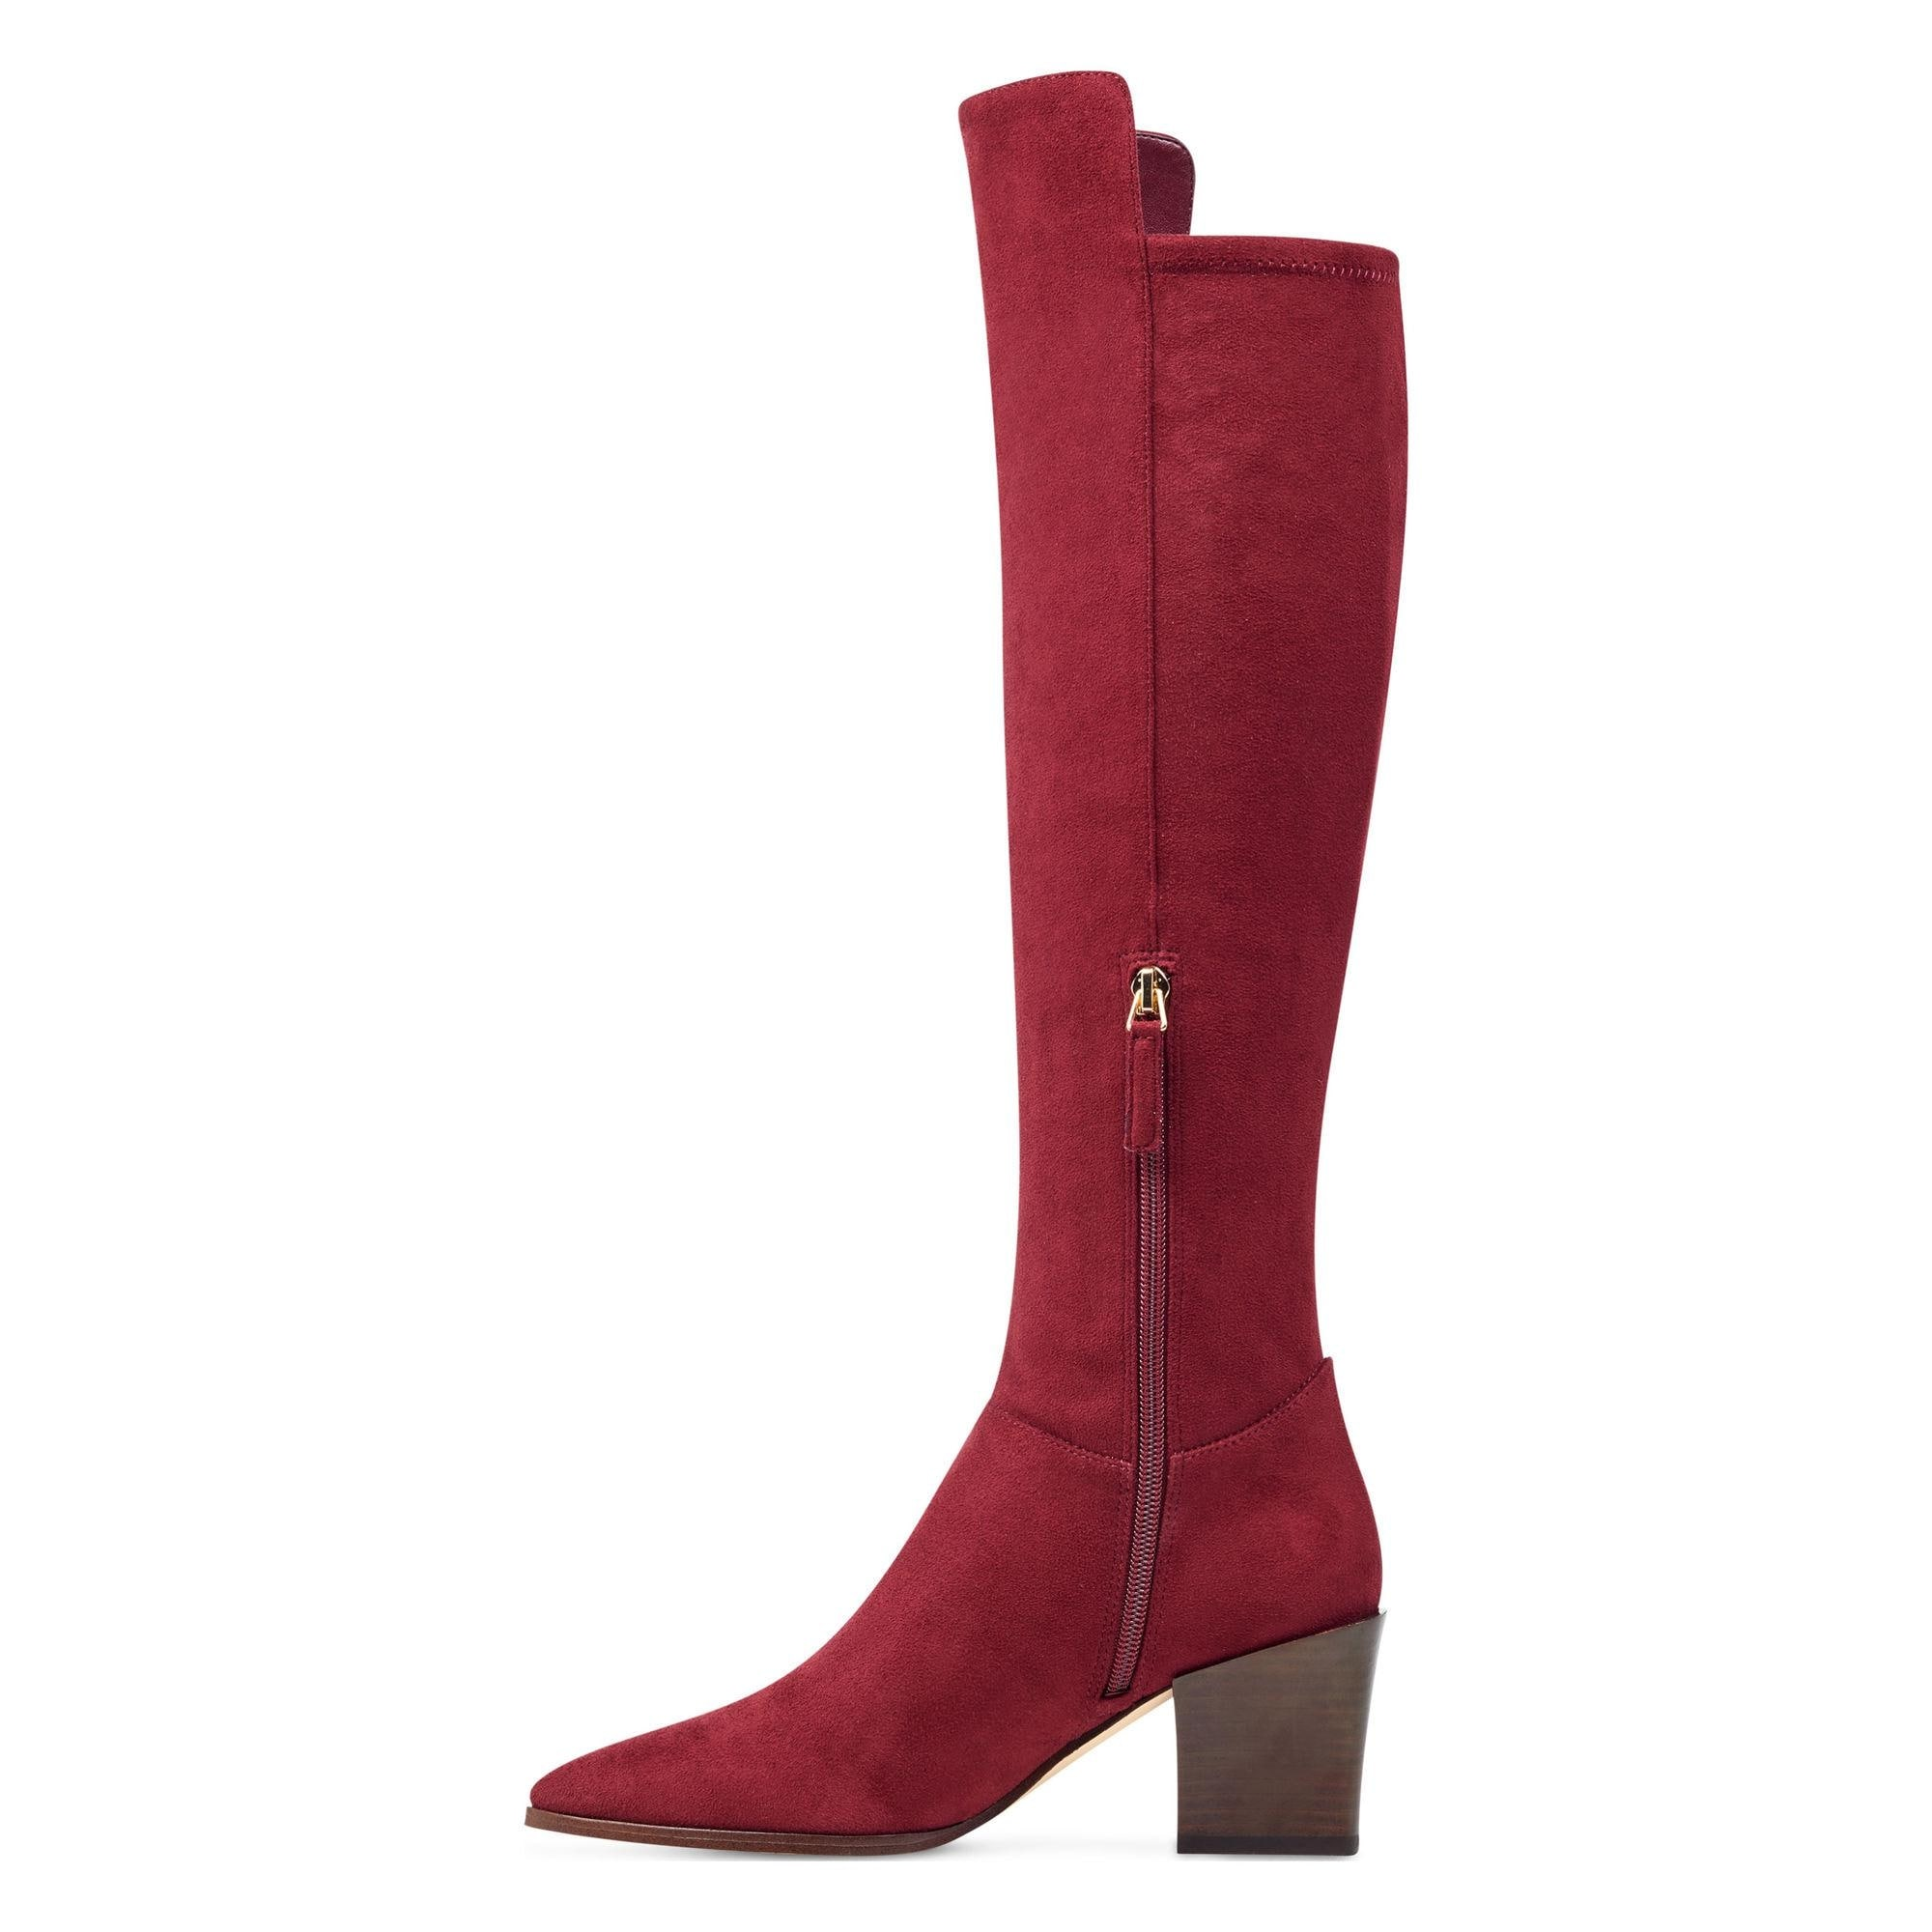 8c793c4461fe Buy Nine West Women s Boots Online at Overstock